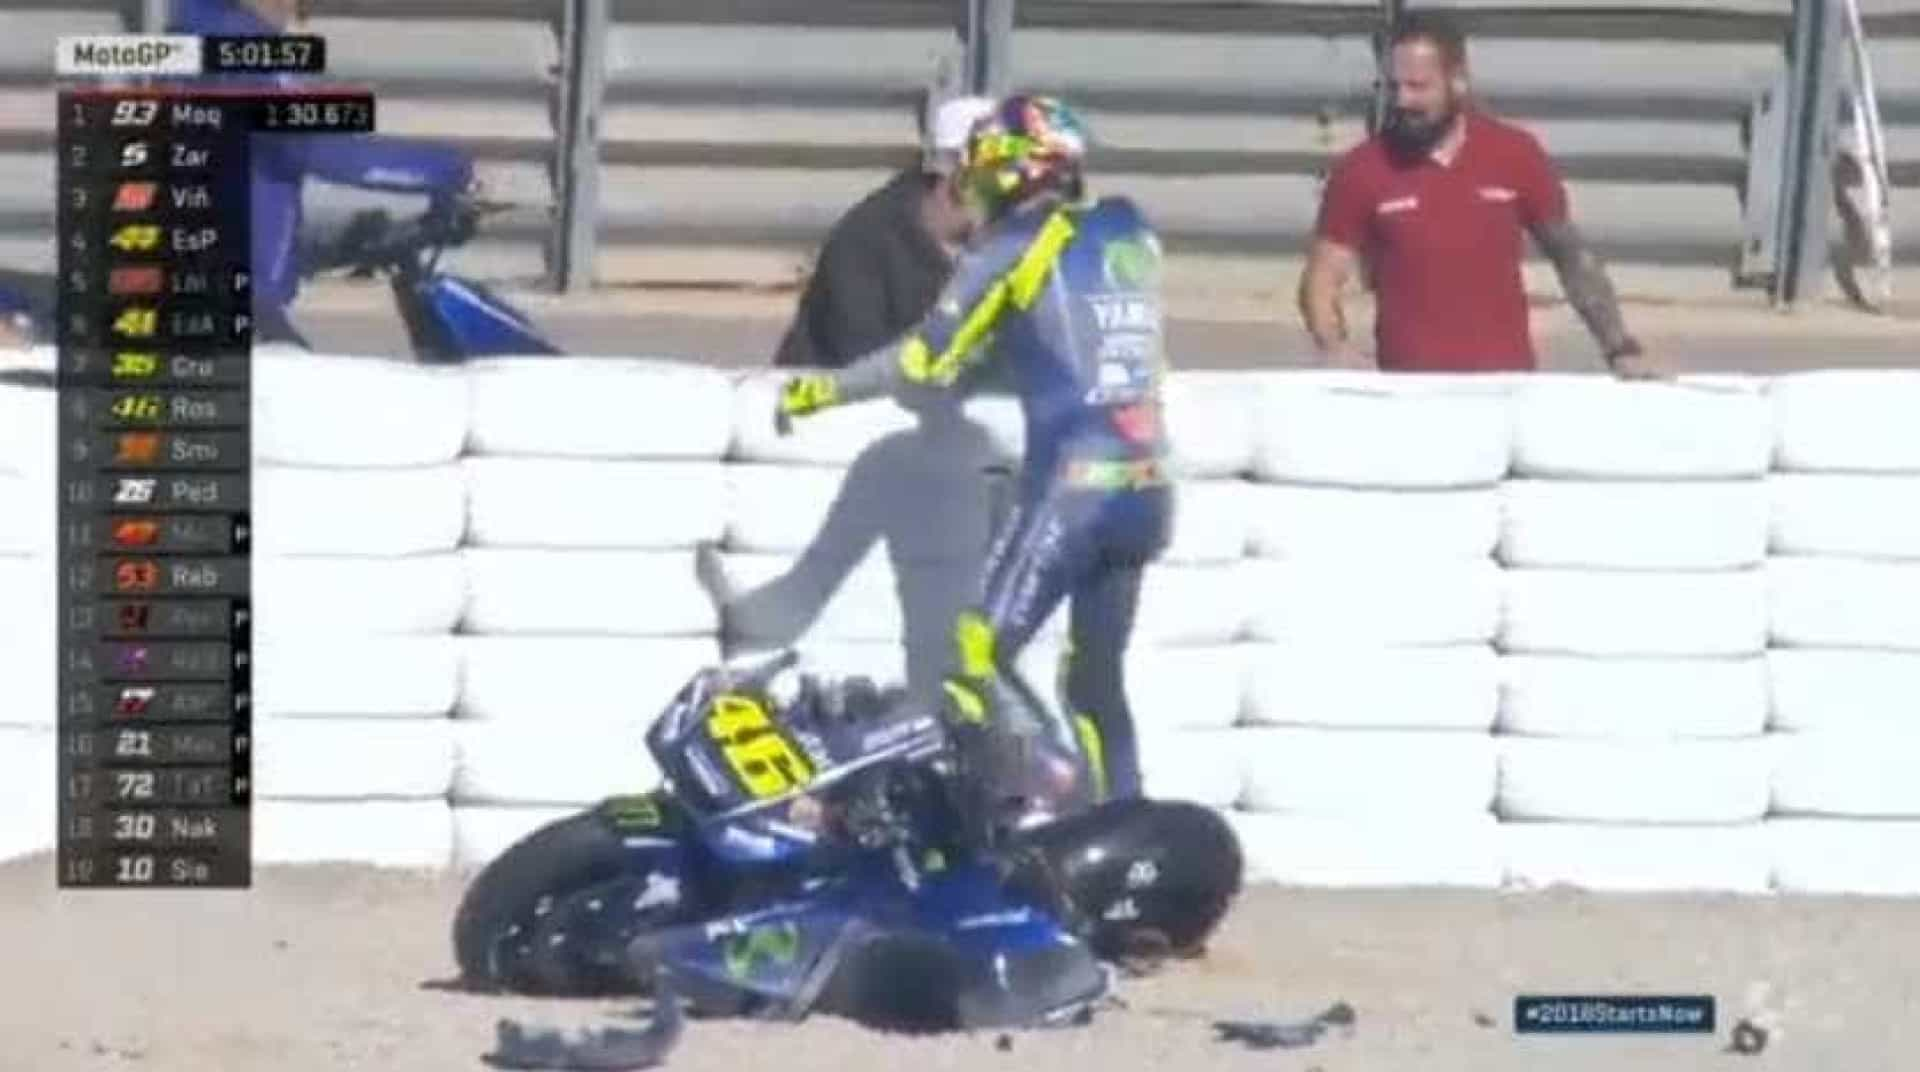 Aparatoso acidente deixa Yamaha de Valentino Rossi destruída